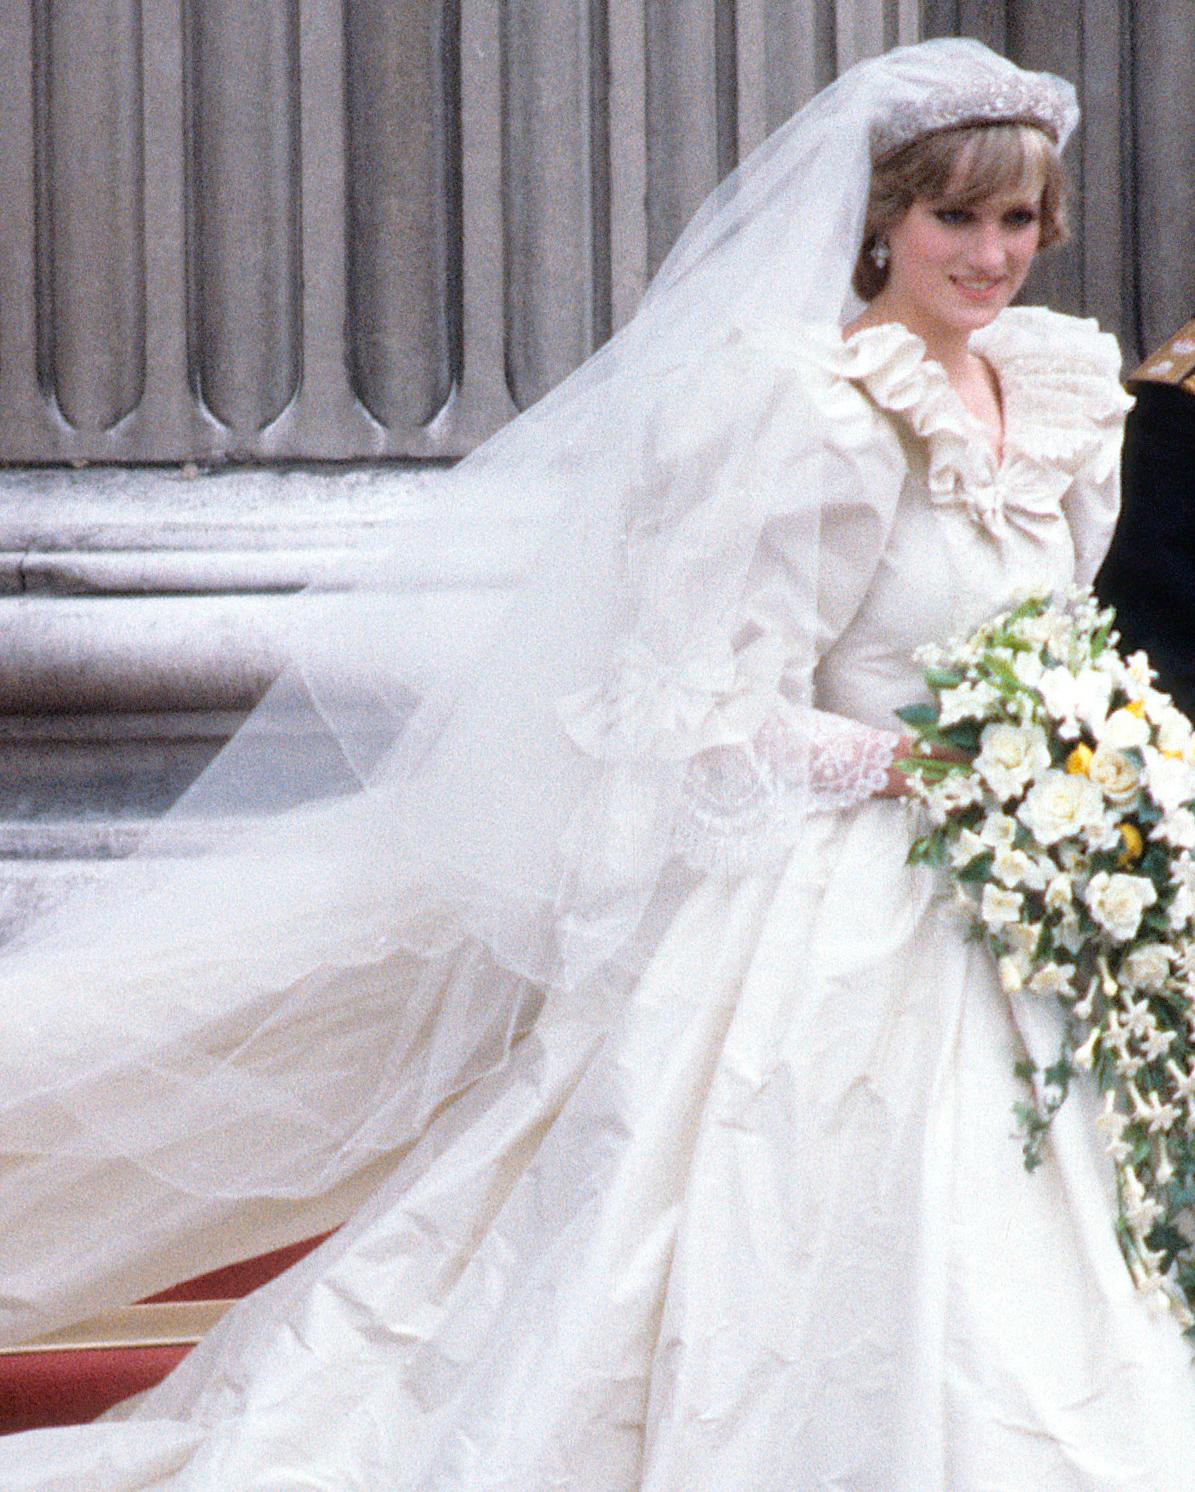 celebrity-brides-veils-diana-spencer-prince-charles-0615.jpg